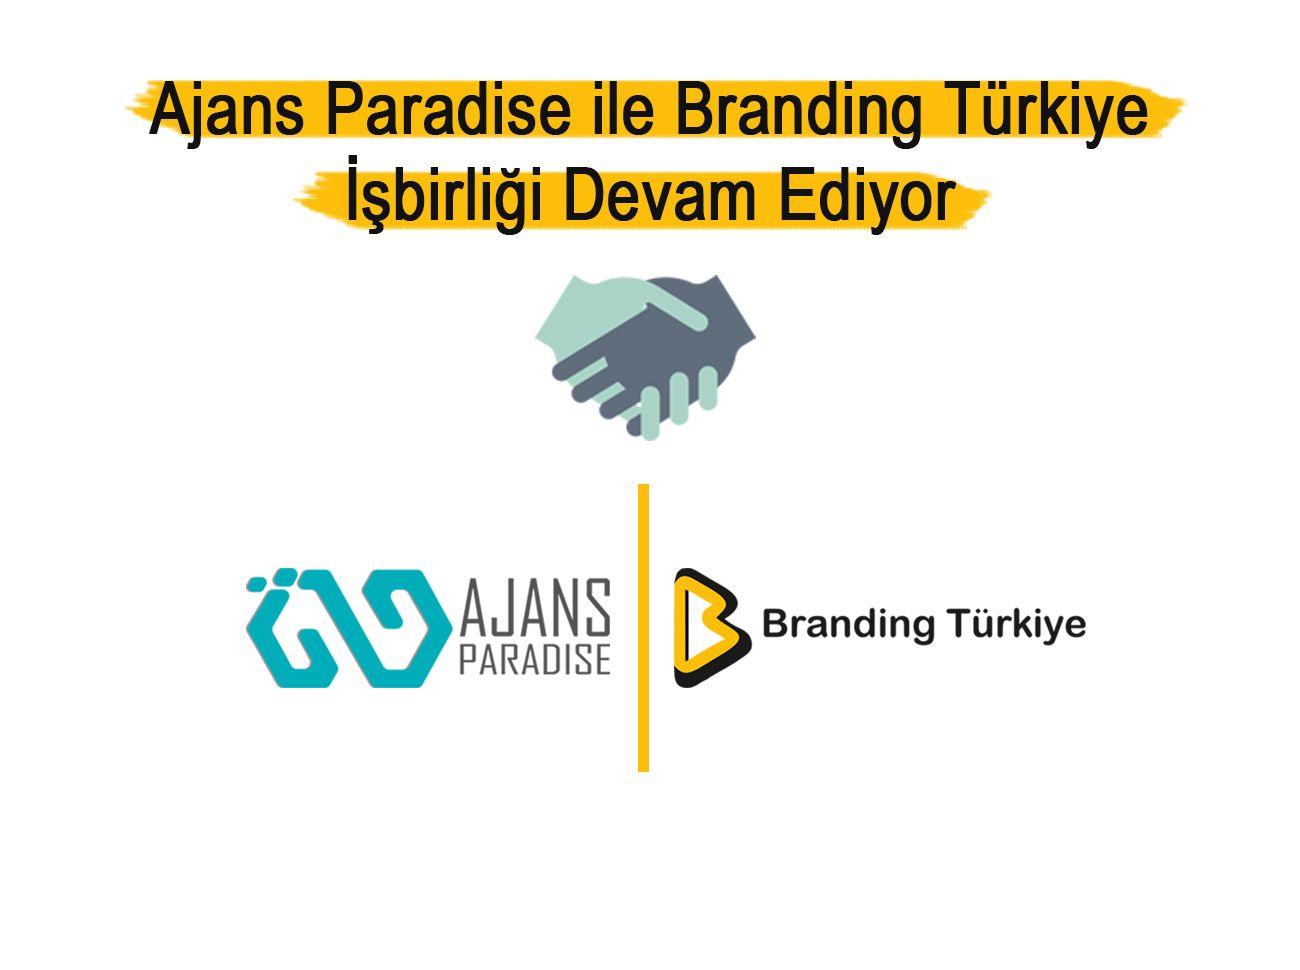 Ajans Paradise İle Branding Türkiye İşbirliği 2. Senesinde